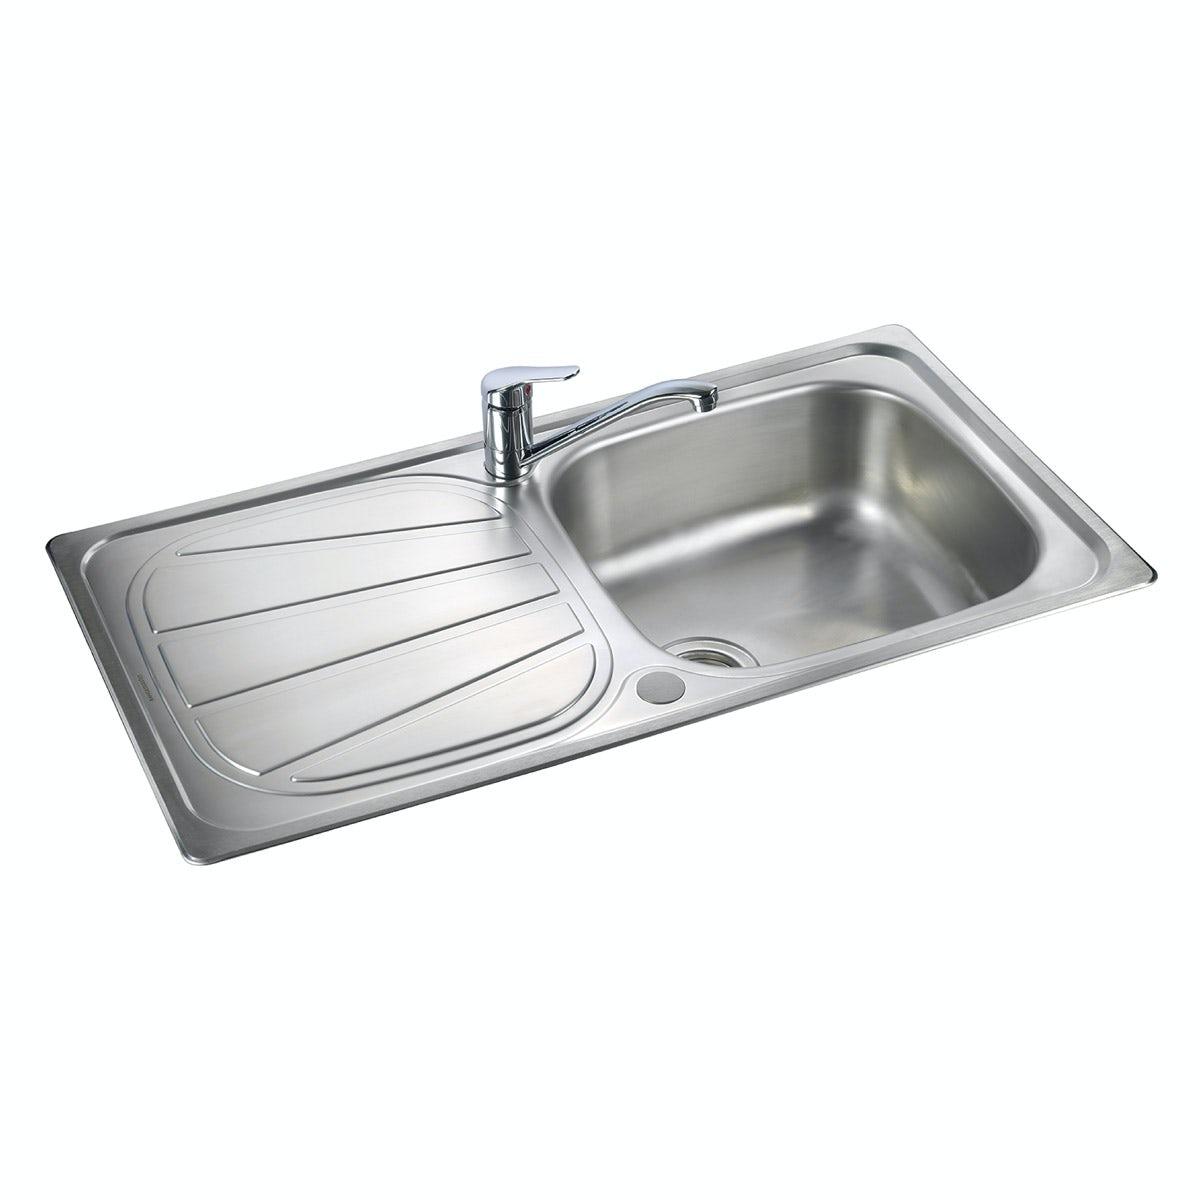 Rangemaster Baltimore 1.0 bowl reversible kitchen sink with waste kit